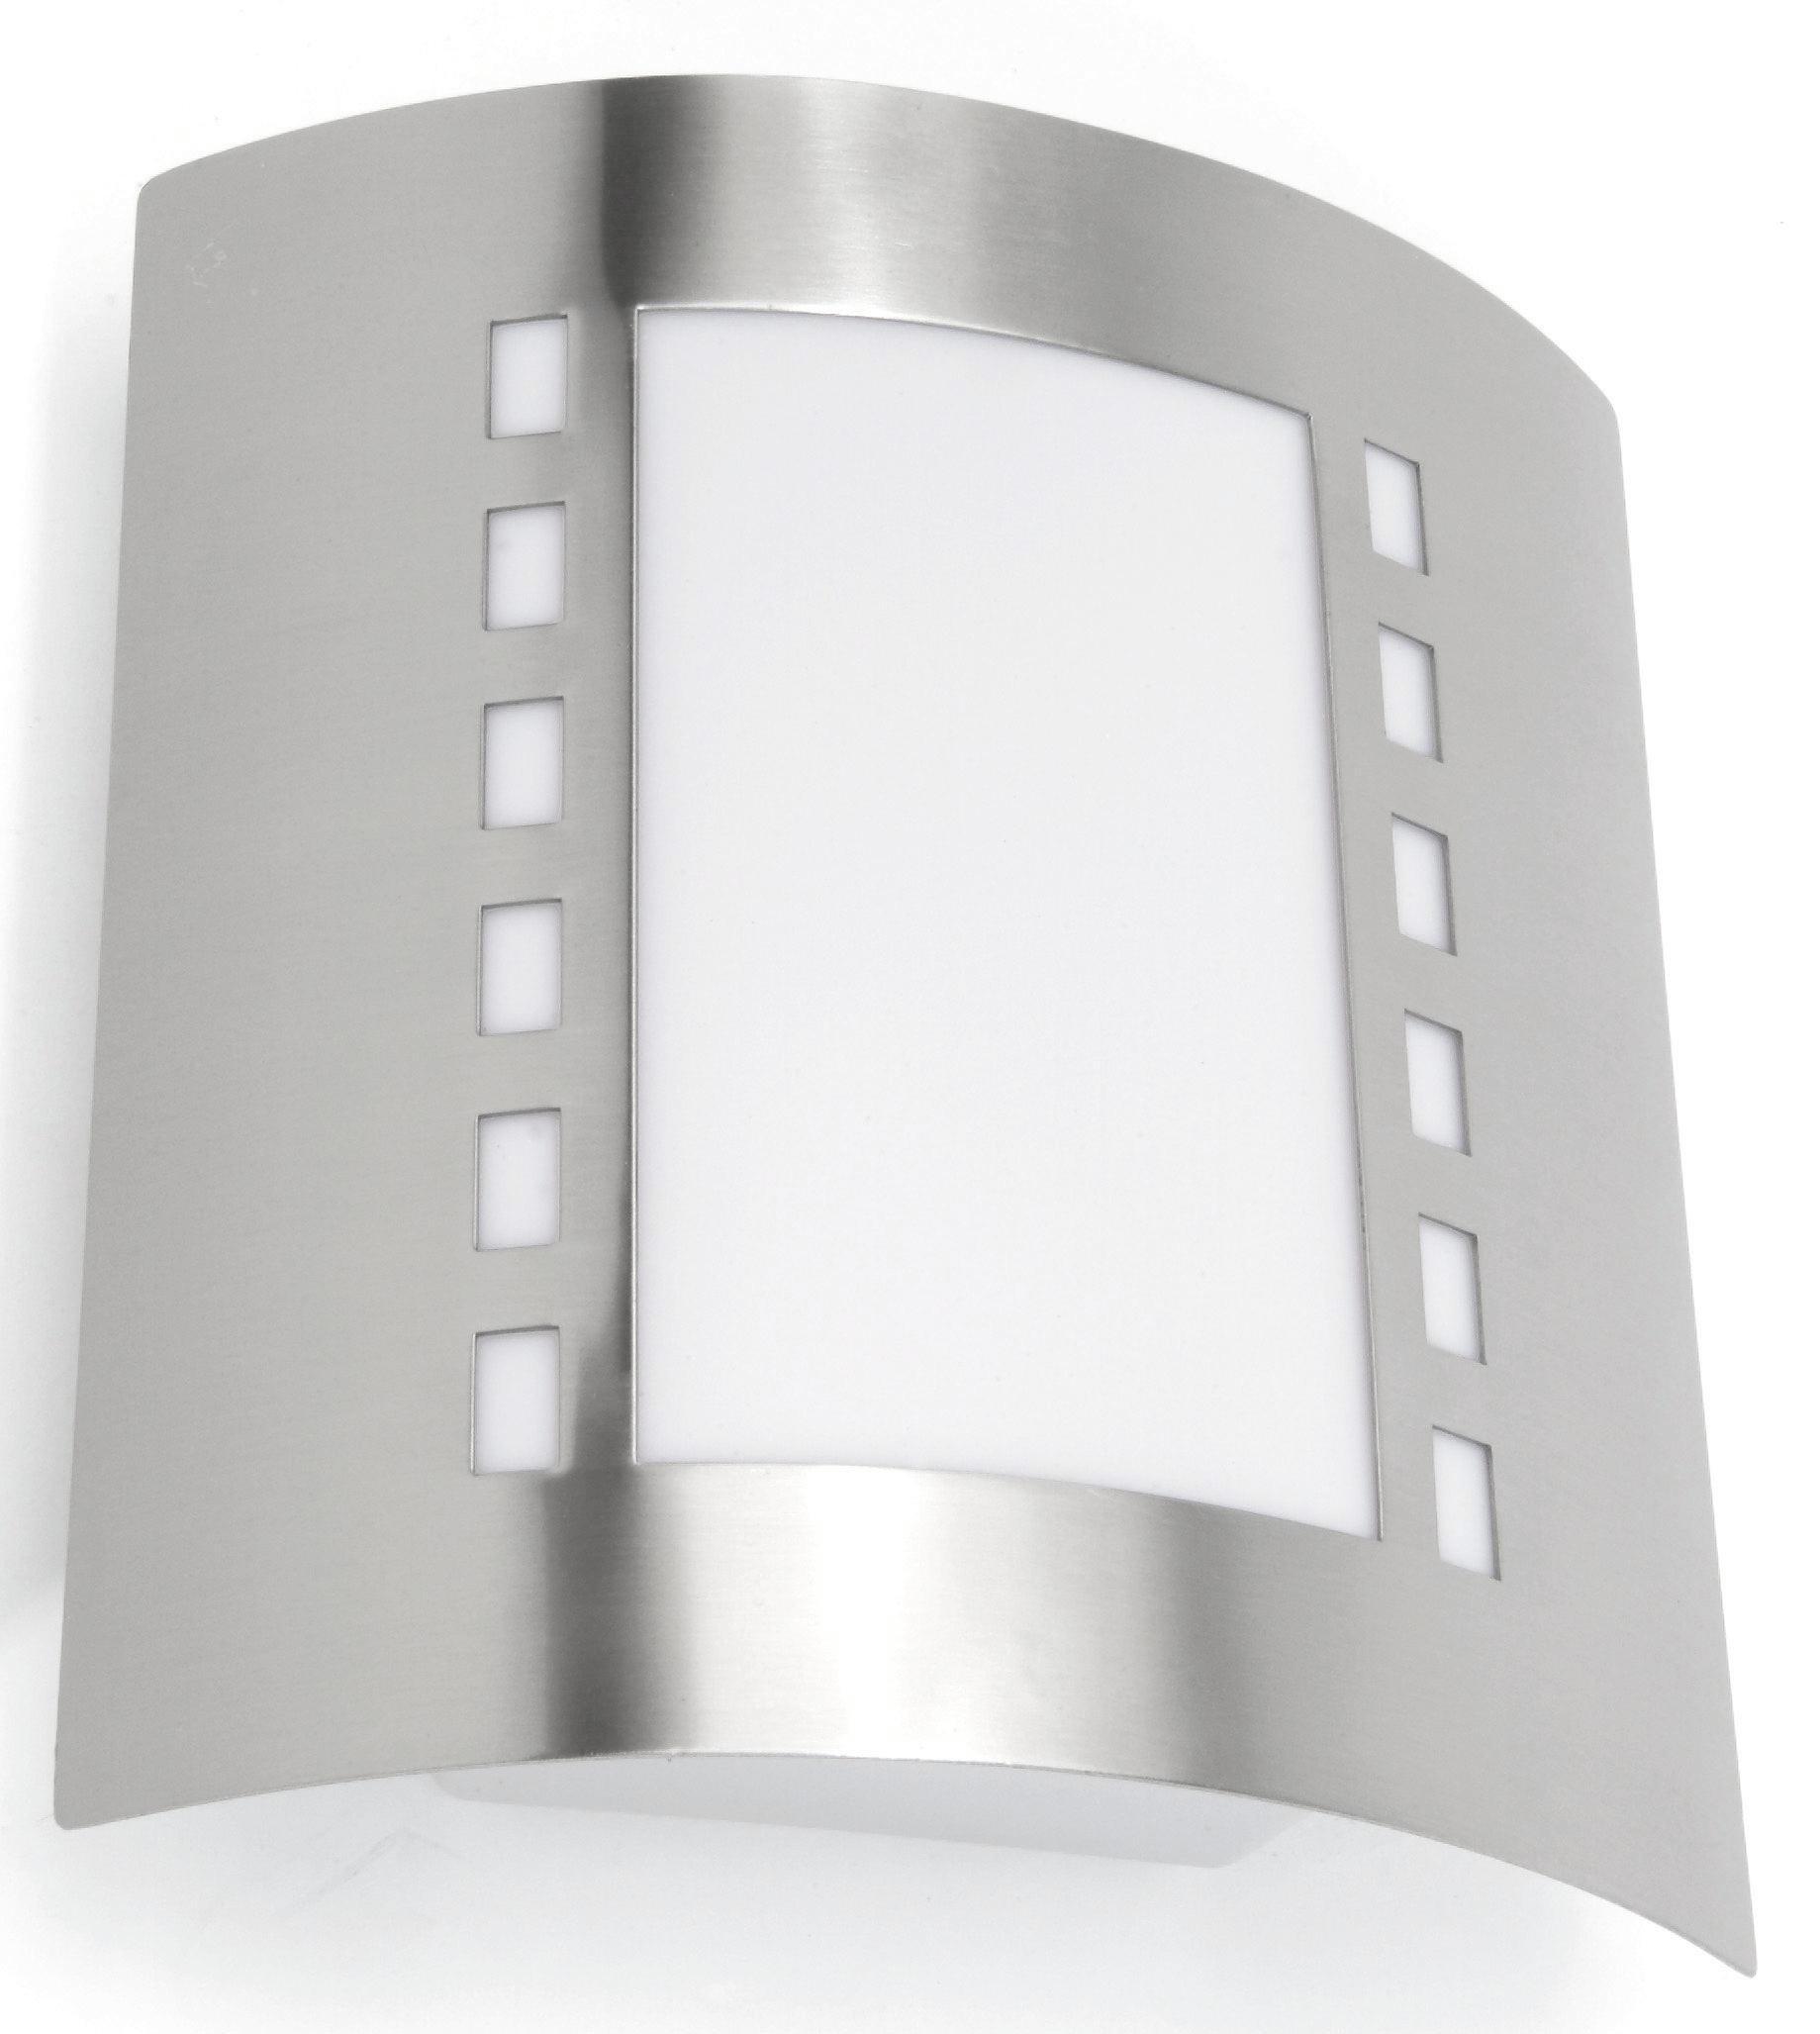 SVÍTIDLO VENKOVNÍ - bílá, Konvenční, kov/umělá hmota (23/29/9,2cm) - BOXXX